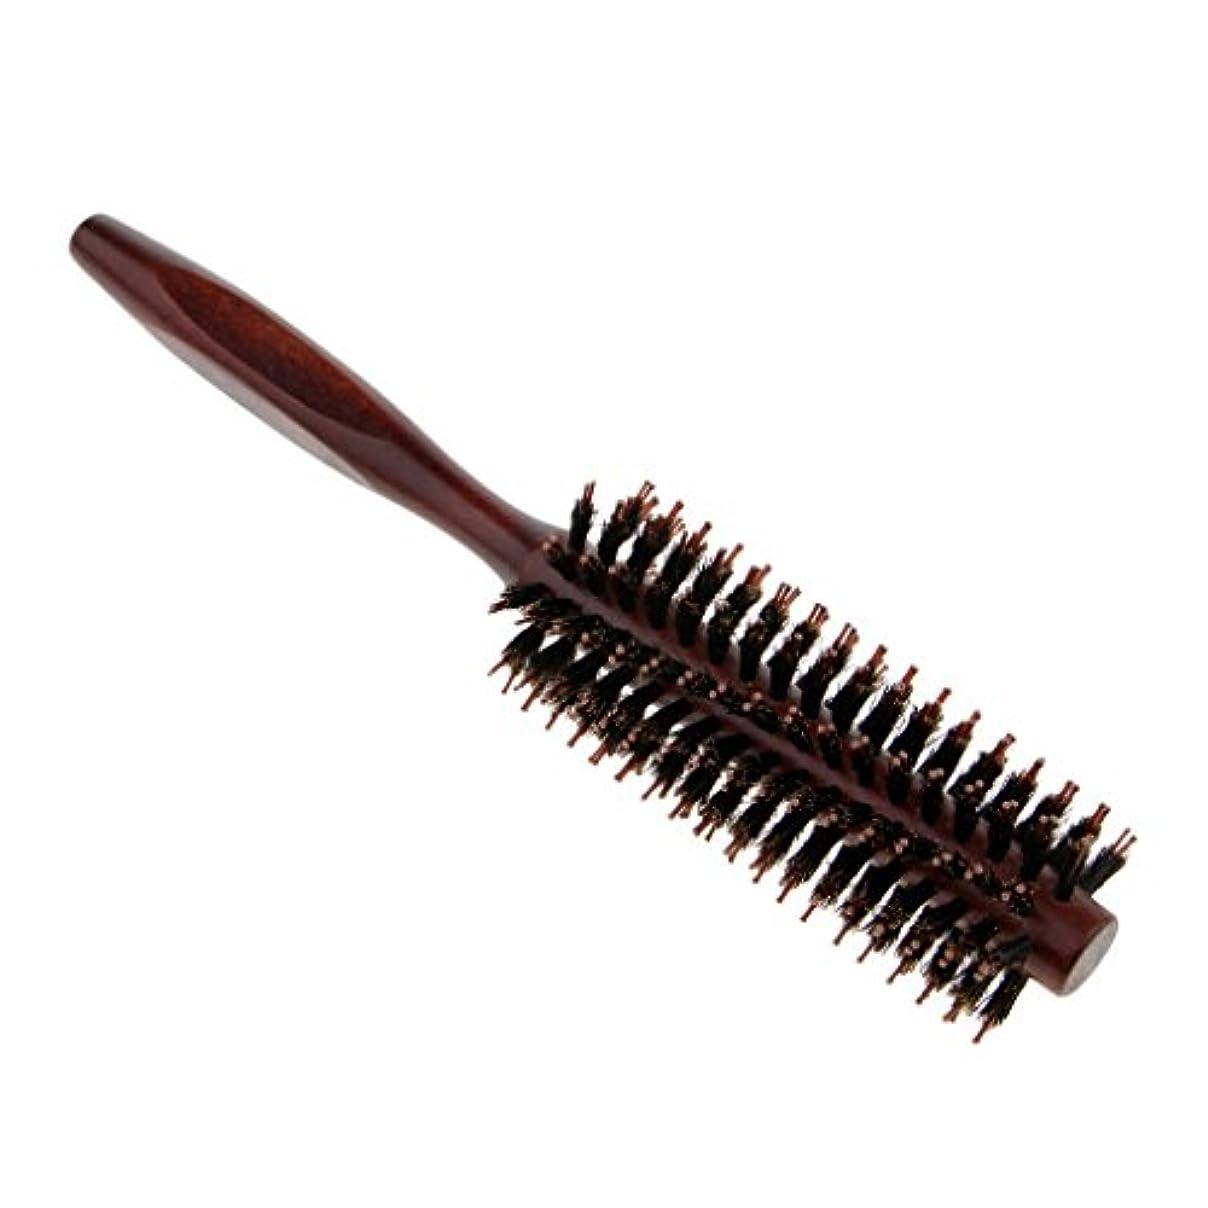 パンサー読書をする幅ラウンドヘアブラシ 木製ハンドル 丸い 櫛 自然な毛 整髪 ヘアブラシ 2タイプ選べ - #2